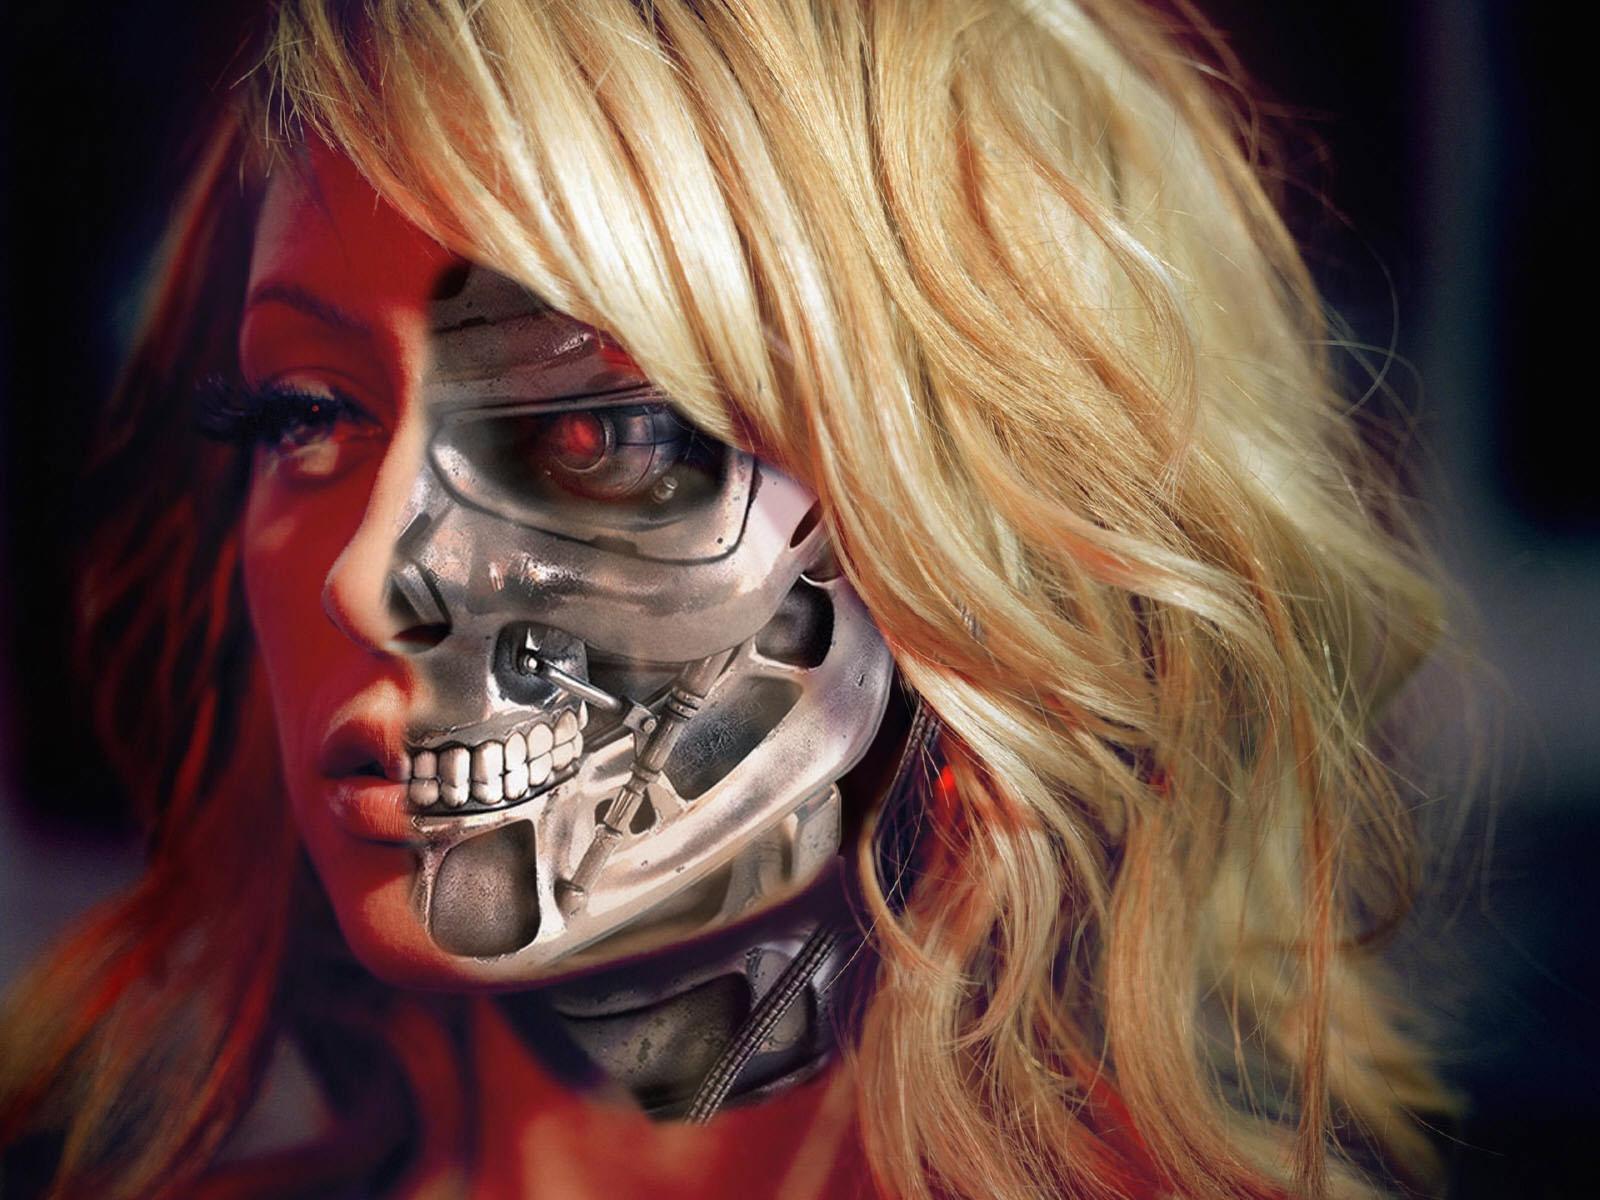 http://4.bp.blogspot.com/-k0Epb6z6Vu0/UC1-KhEJ8VI/AAAAAAAAF7A/NWaOH7cb5Bk/s1600/Nicole_Richie_Terminator-wallpaper.jpg